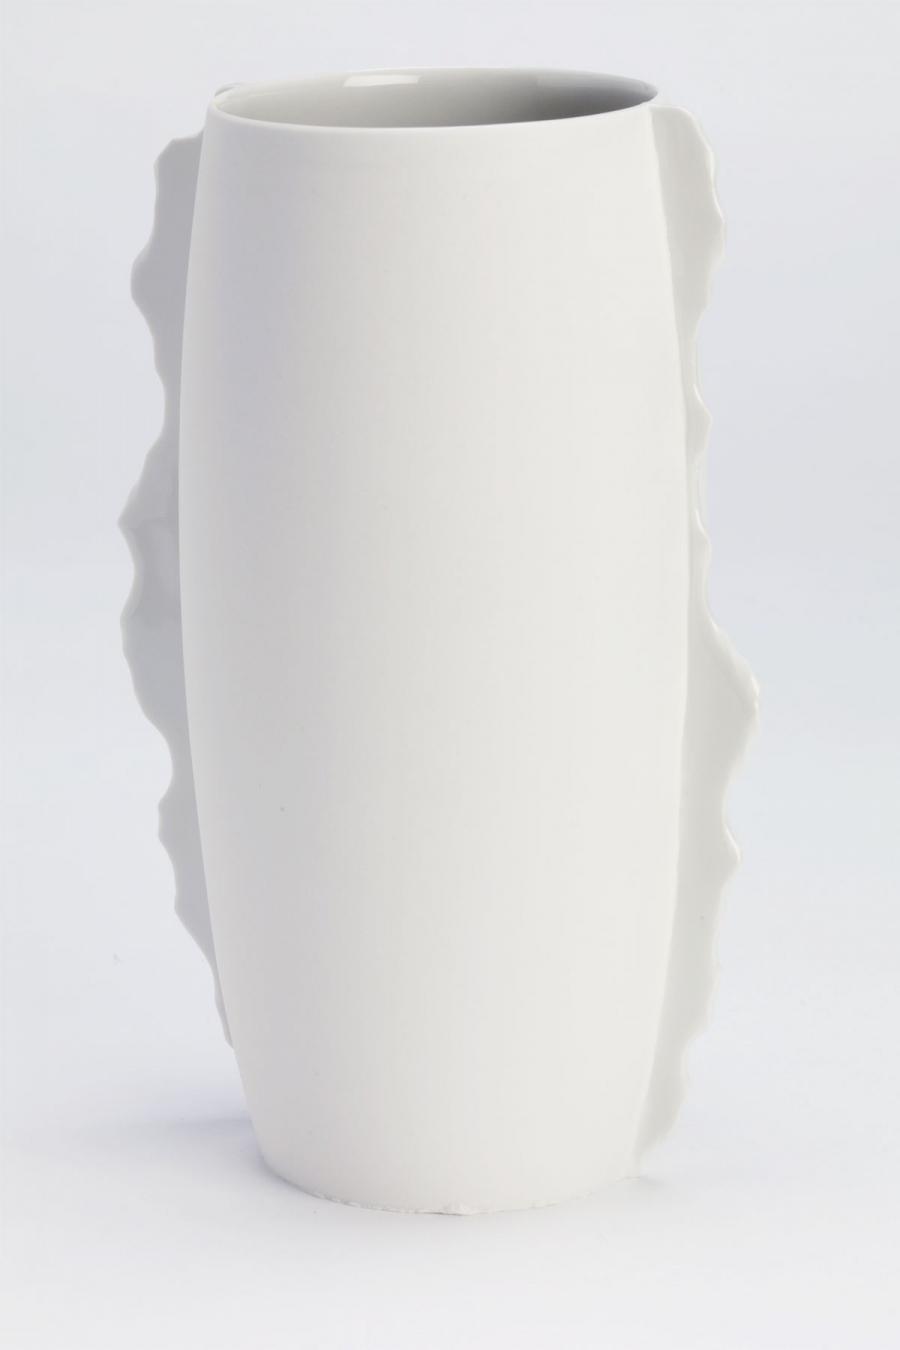 Vase mit Gussnaht White